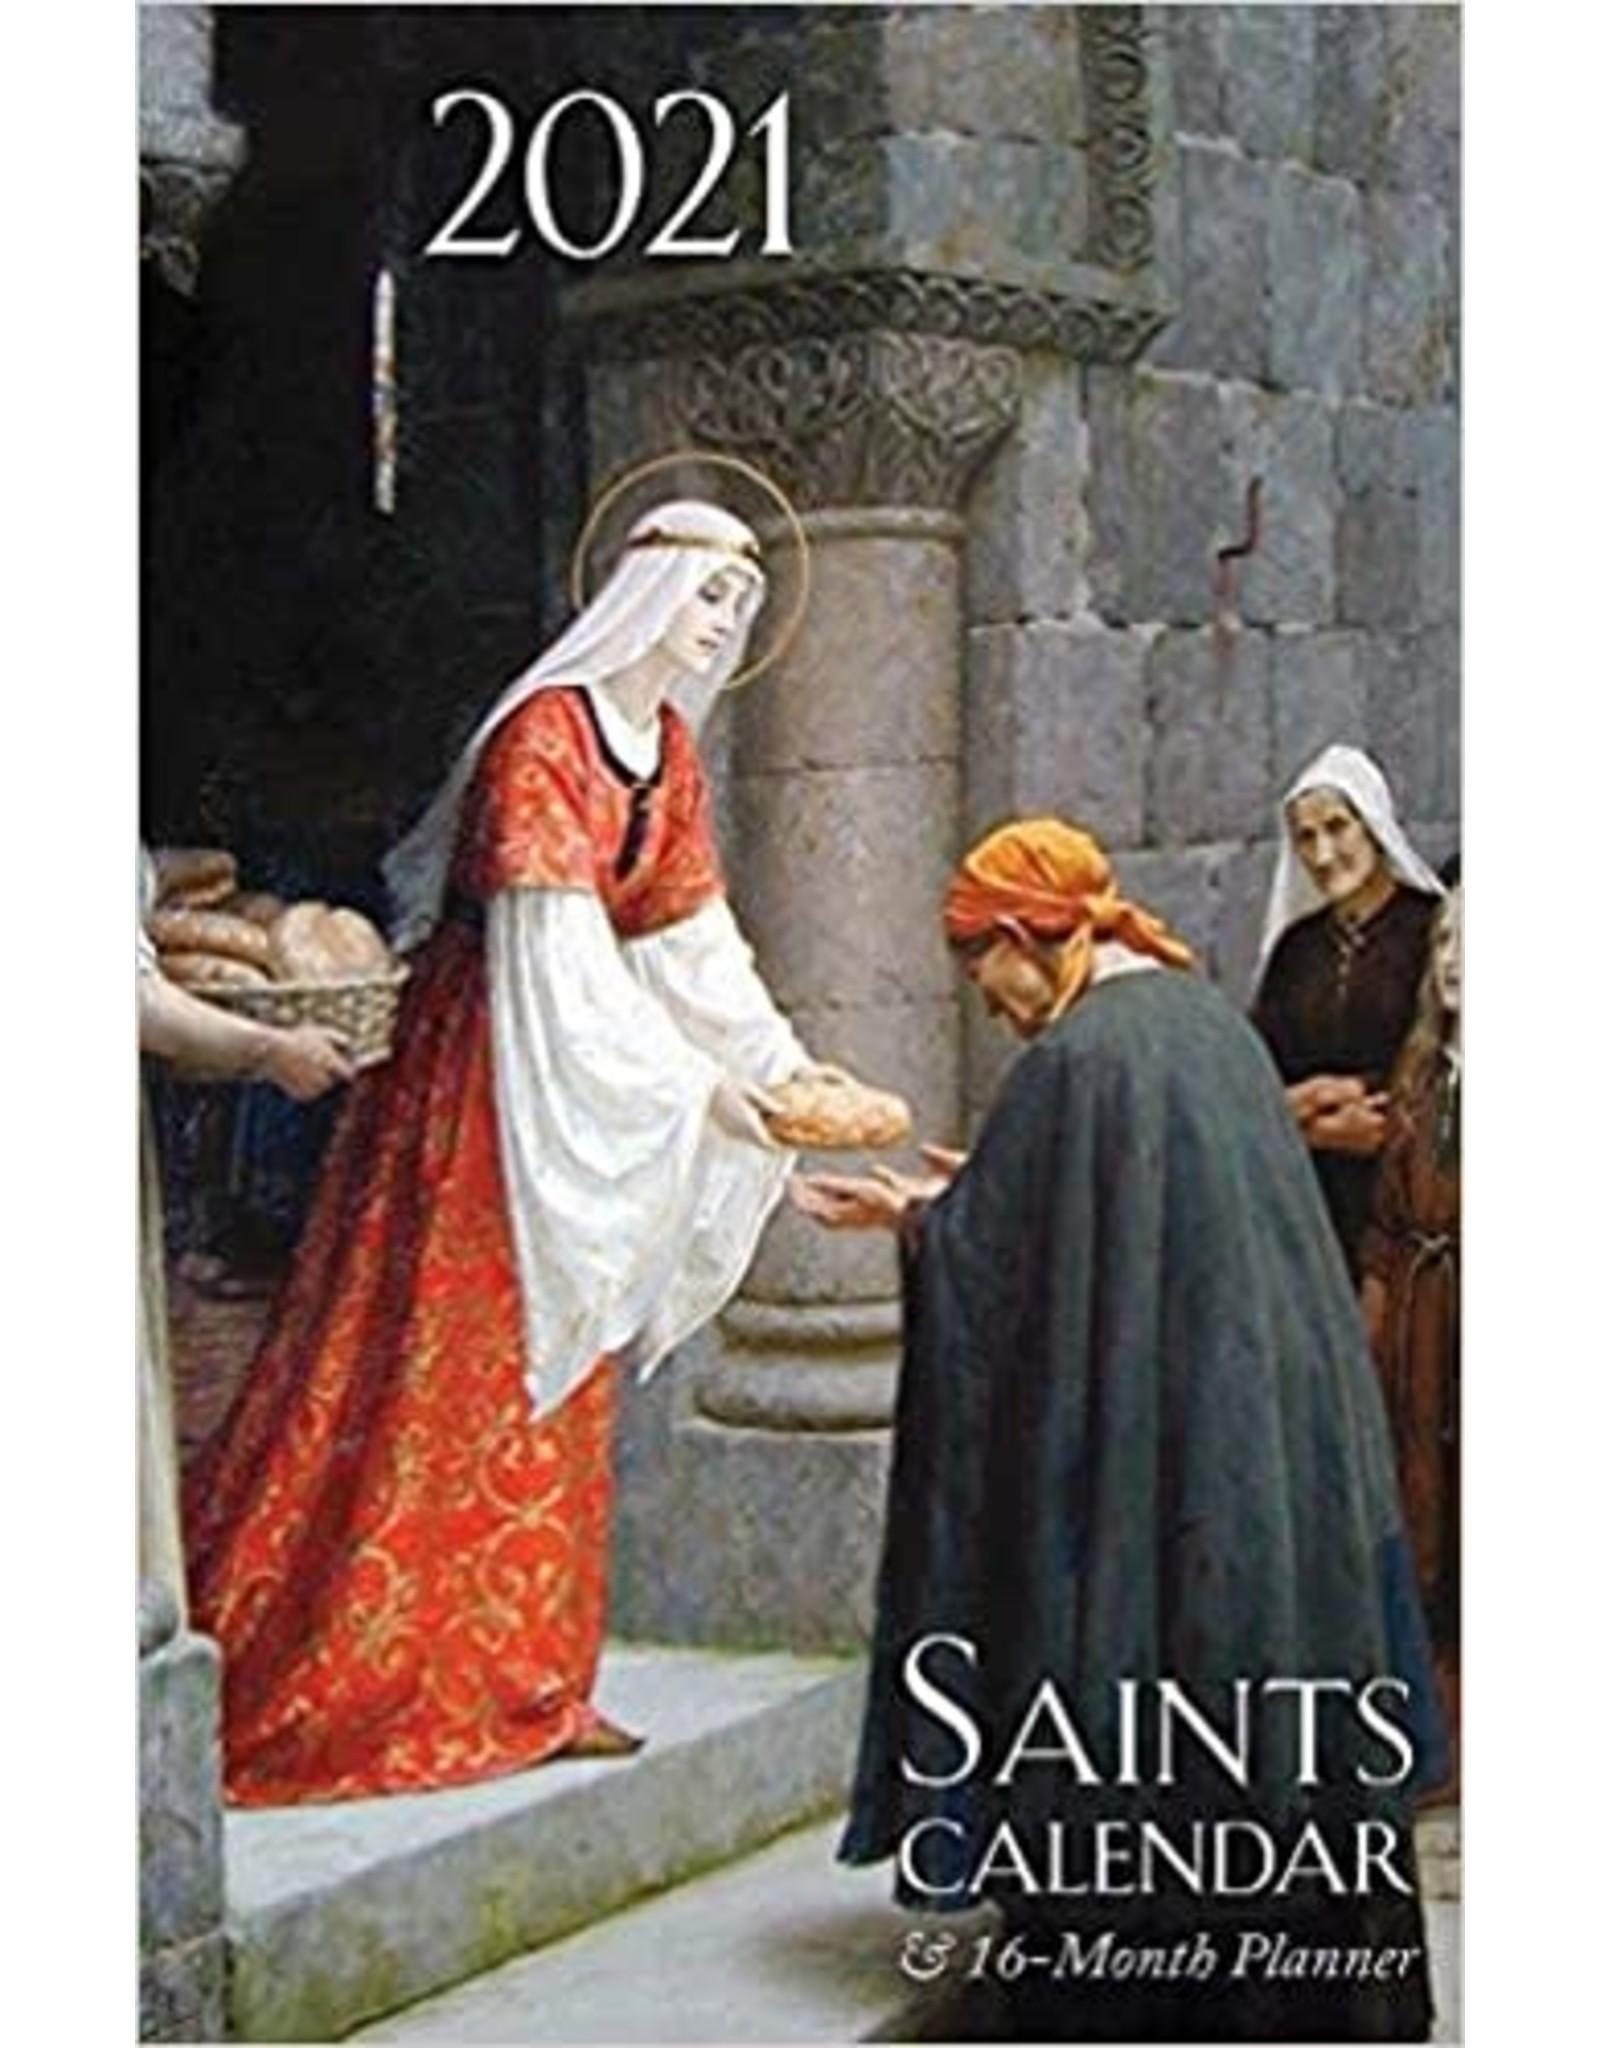 2021 Saints Calendar and Planner: Spiral Bound